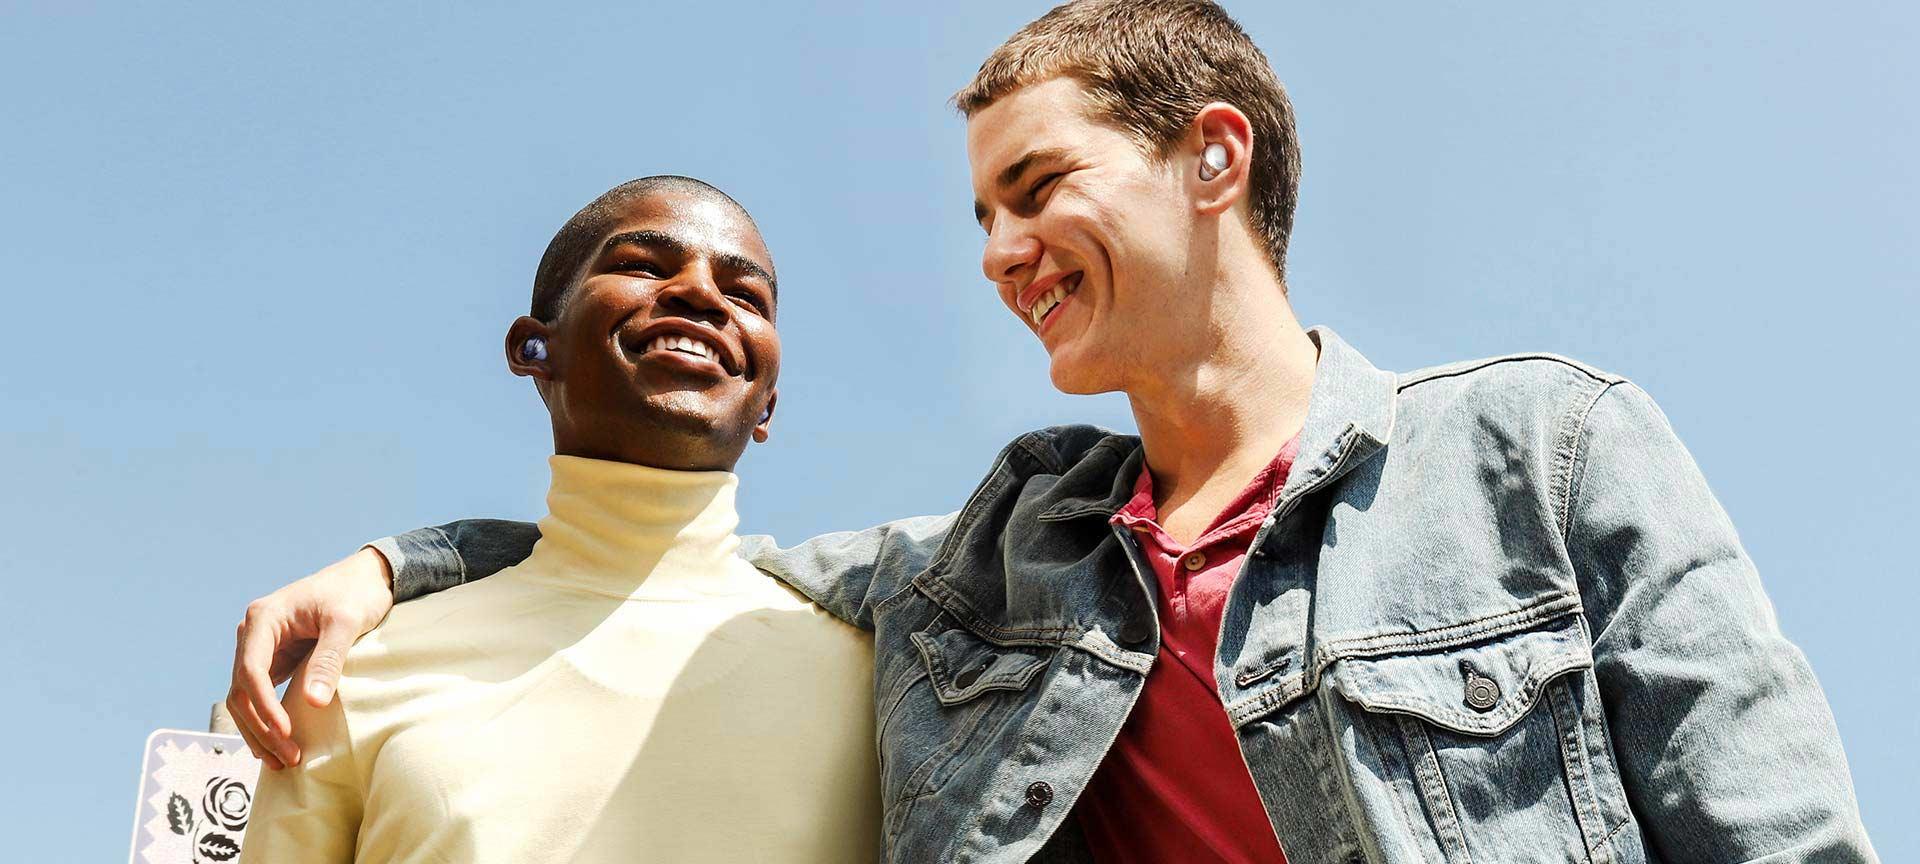 Dva muškarca, obojica nose Galaxy Buds Pro, slušaju isti audio-snimak preko Buds Together opcije.